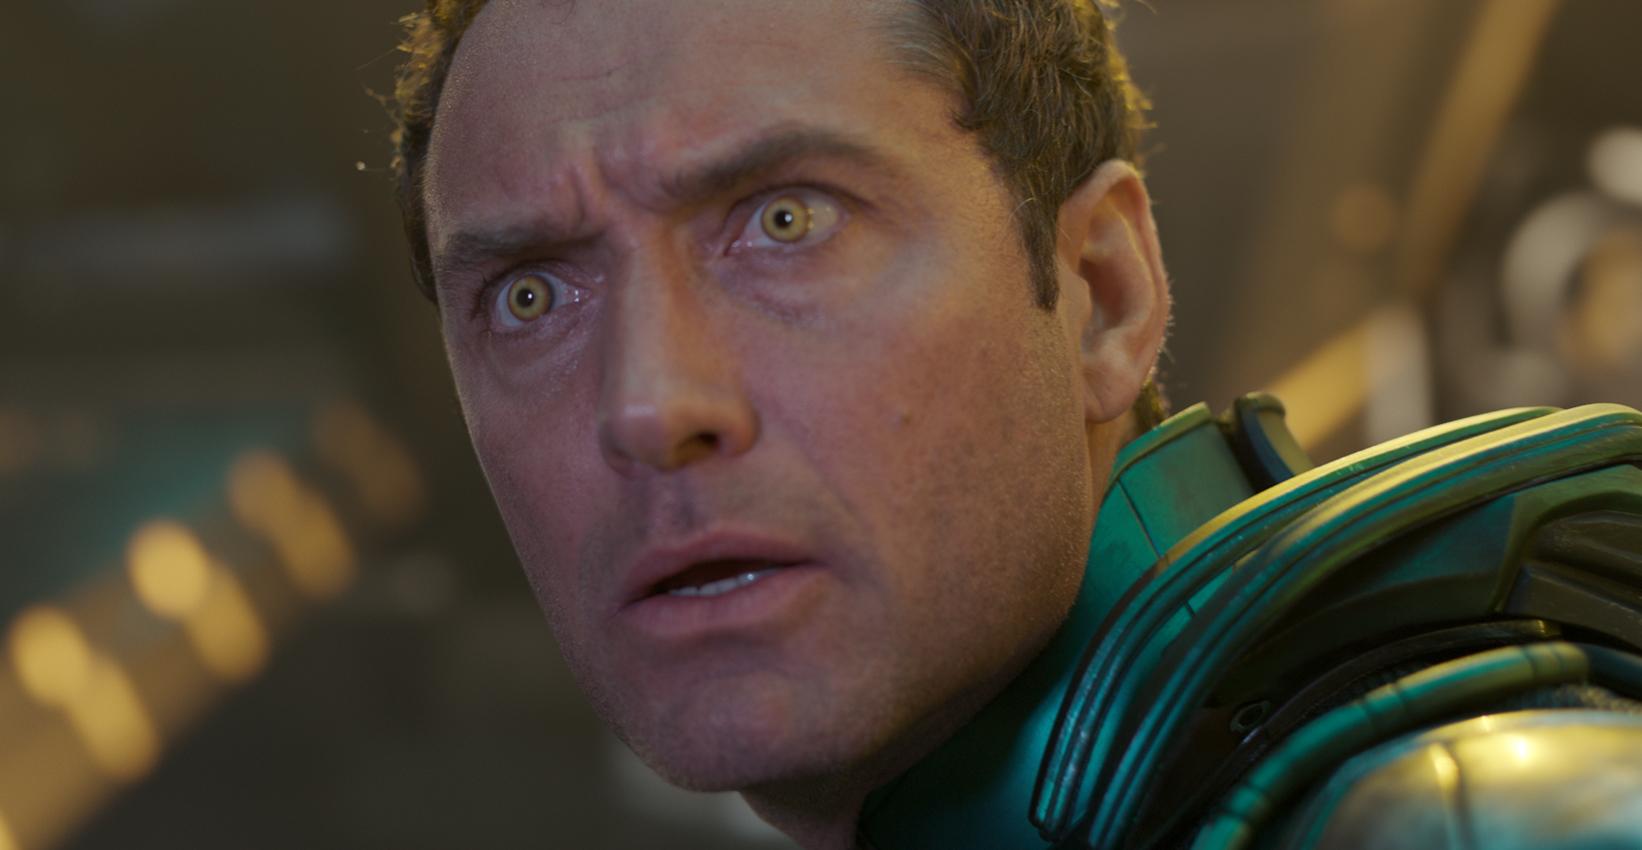 キャプテン・マーベルにボコられるのが怖いヨン・ログ